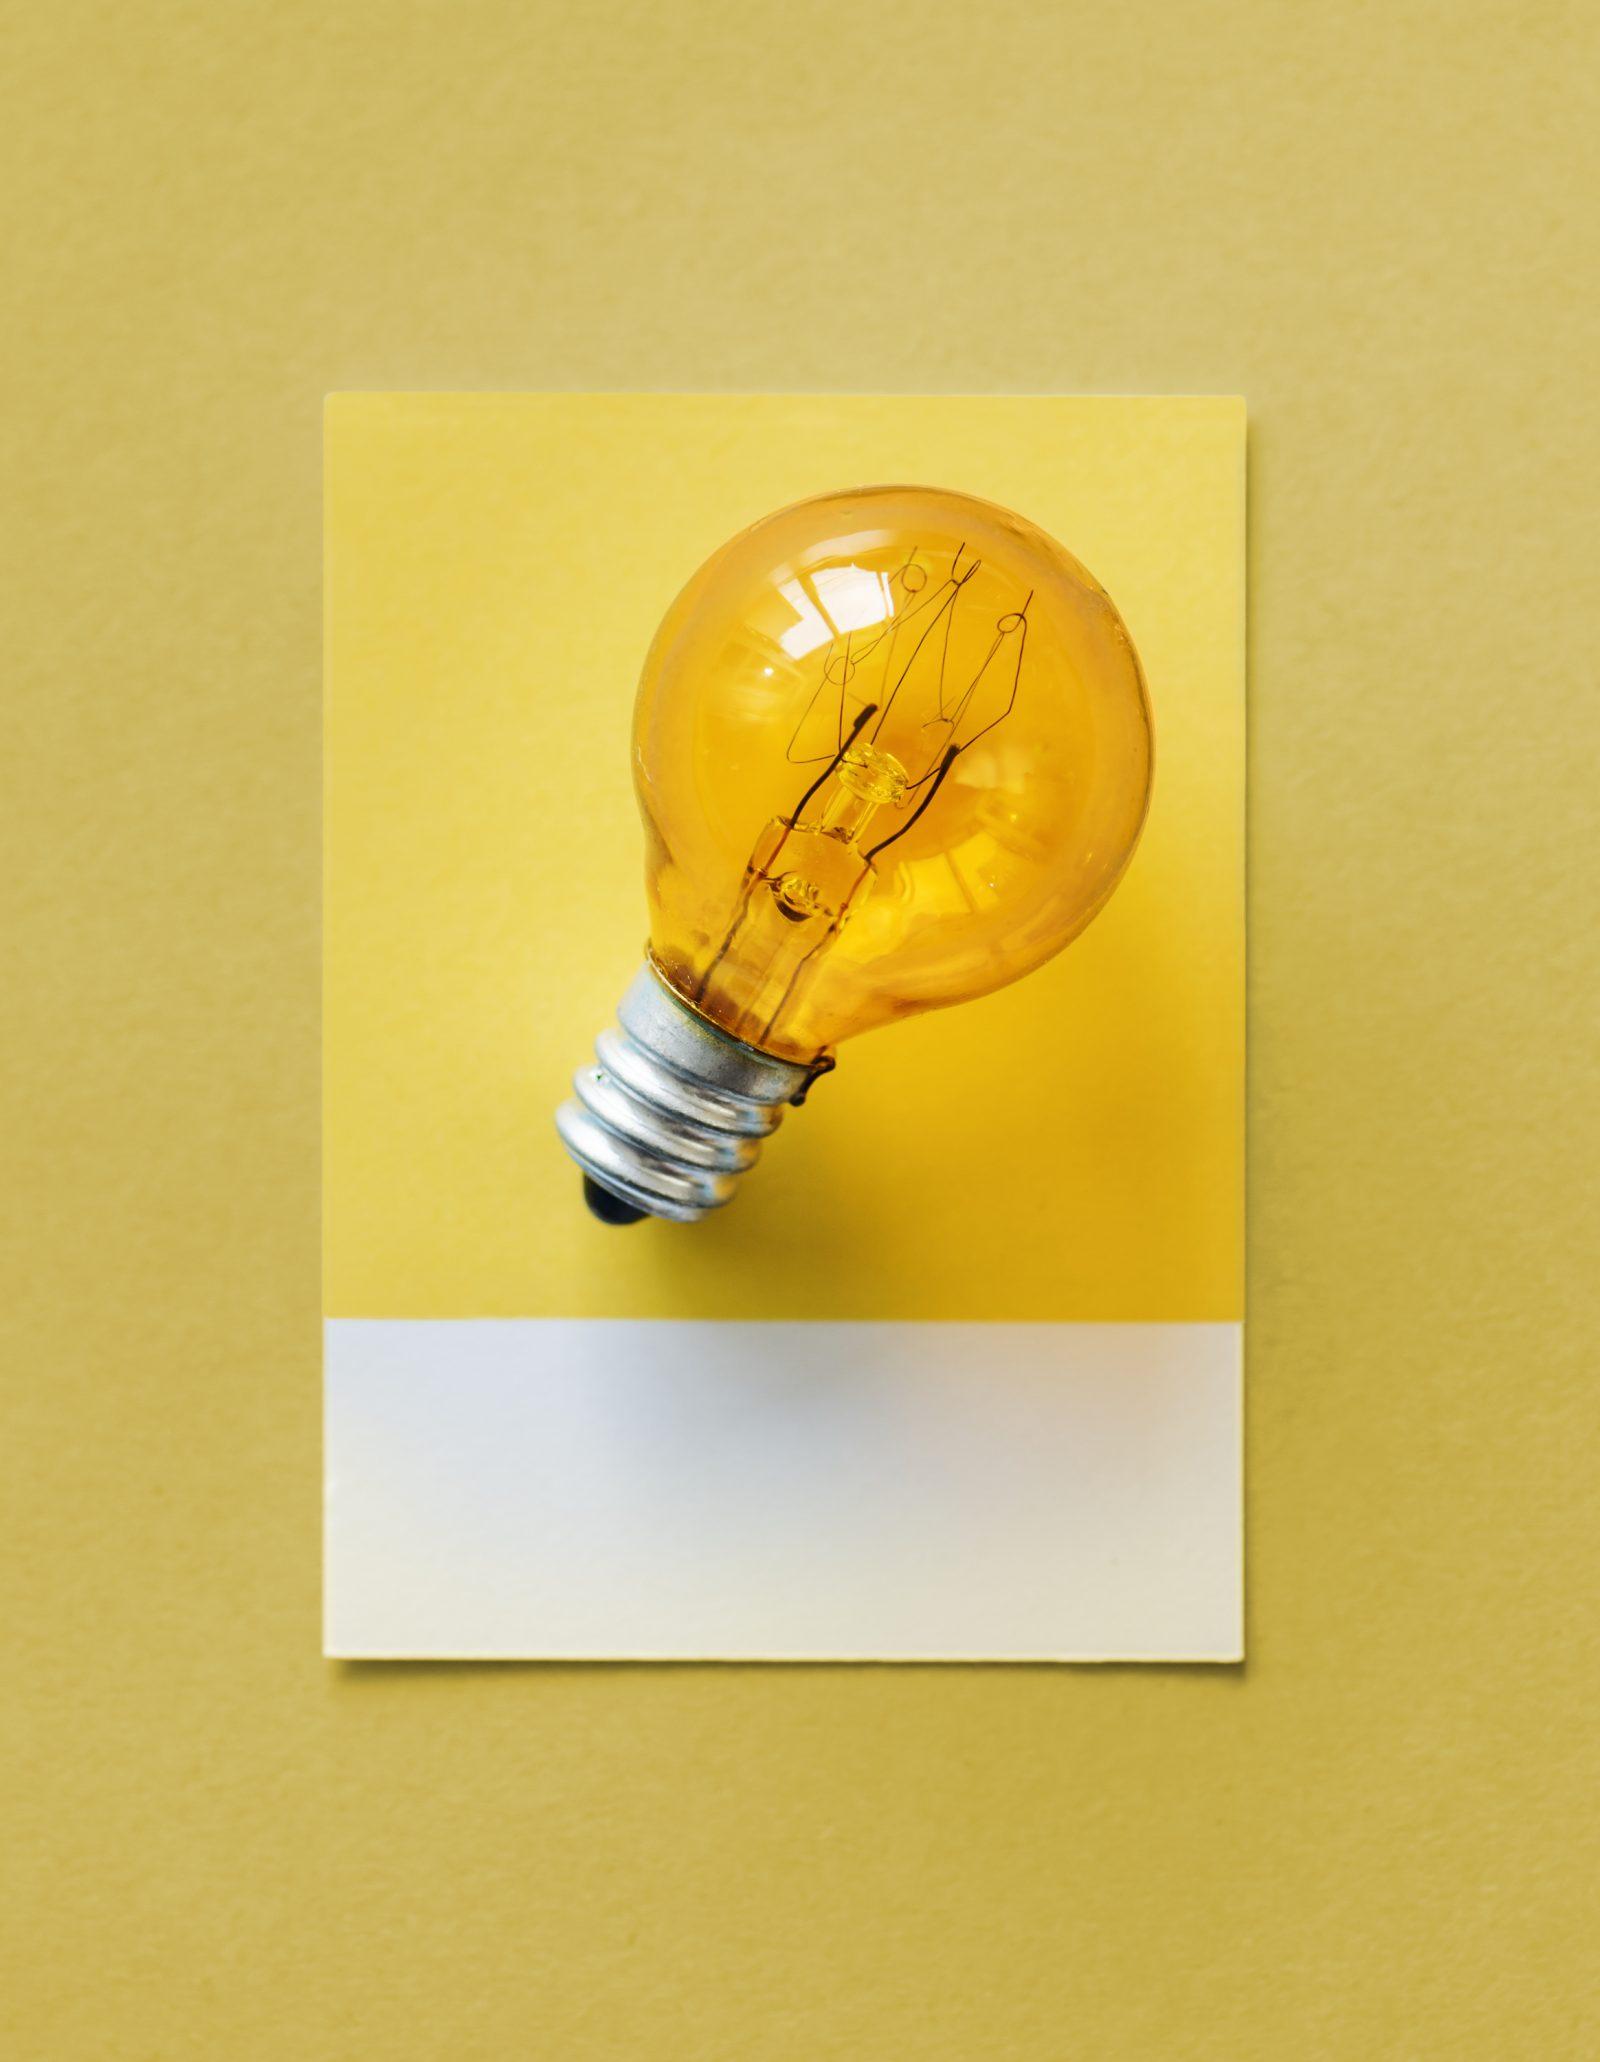 Hehkulamppu kuvaamassa uusien ajatusten syntymistä.